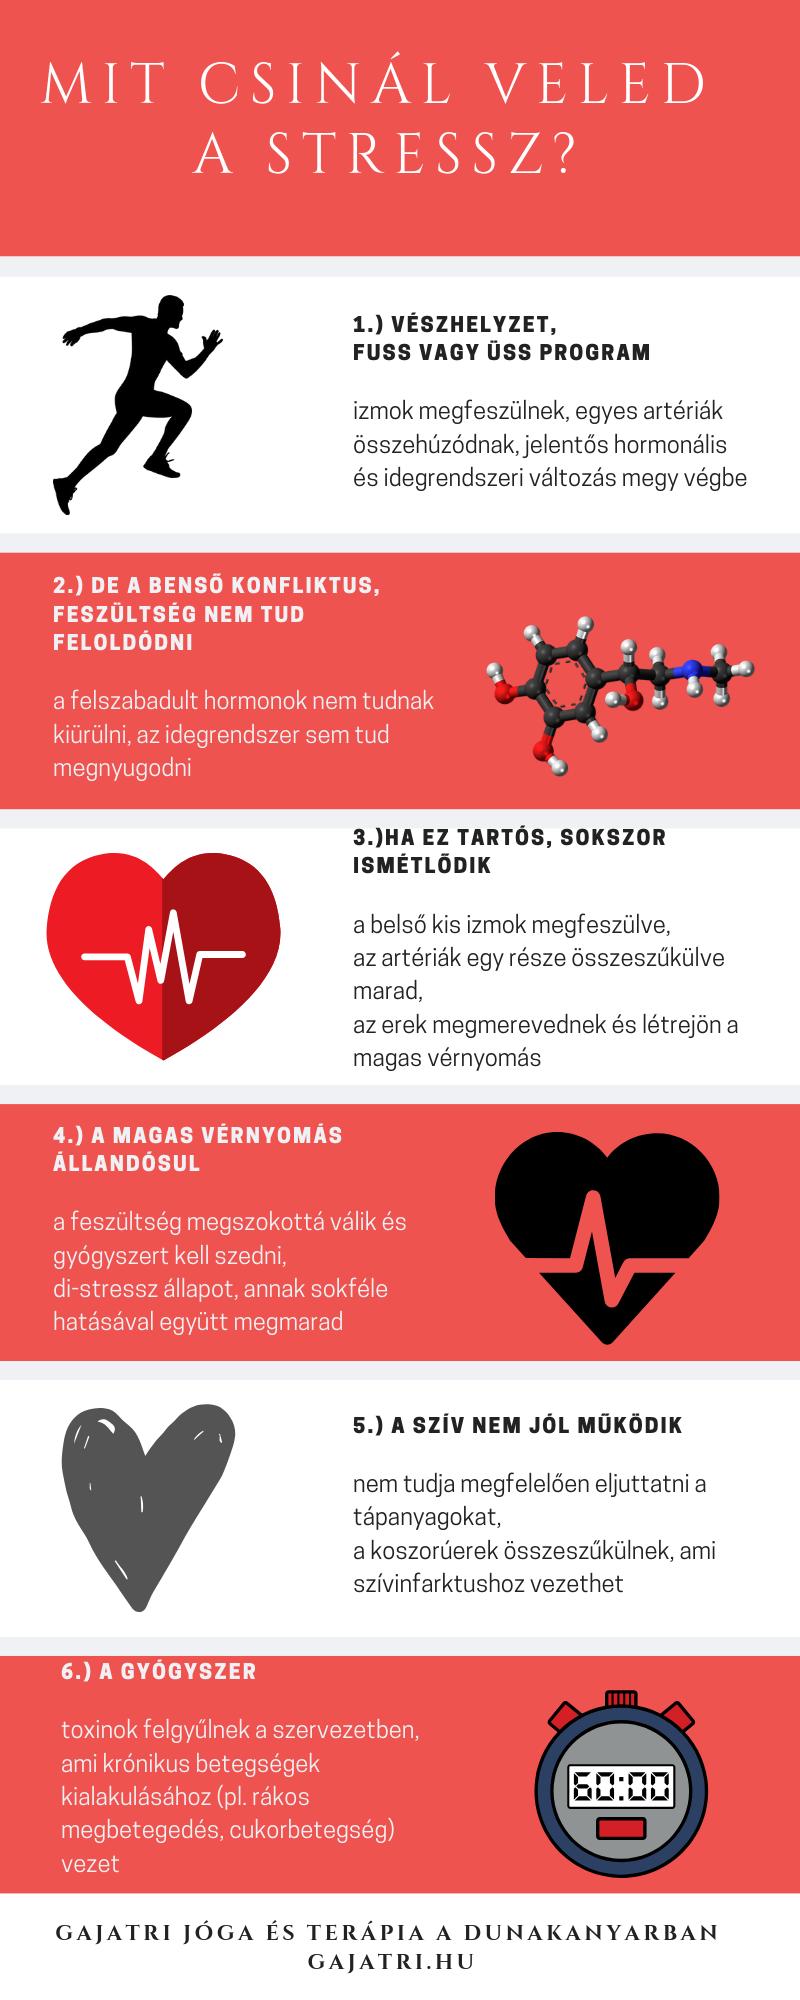 magas vérnyomás és formái)